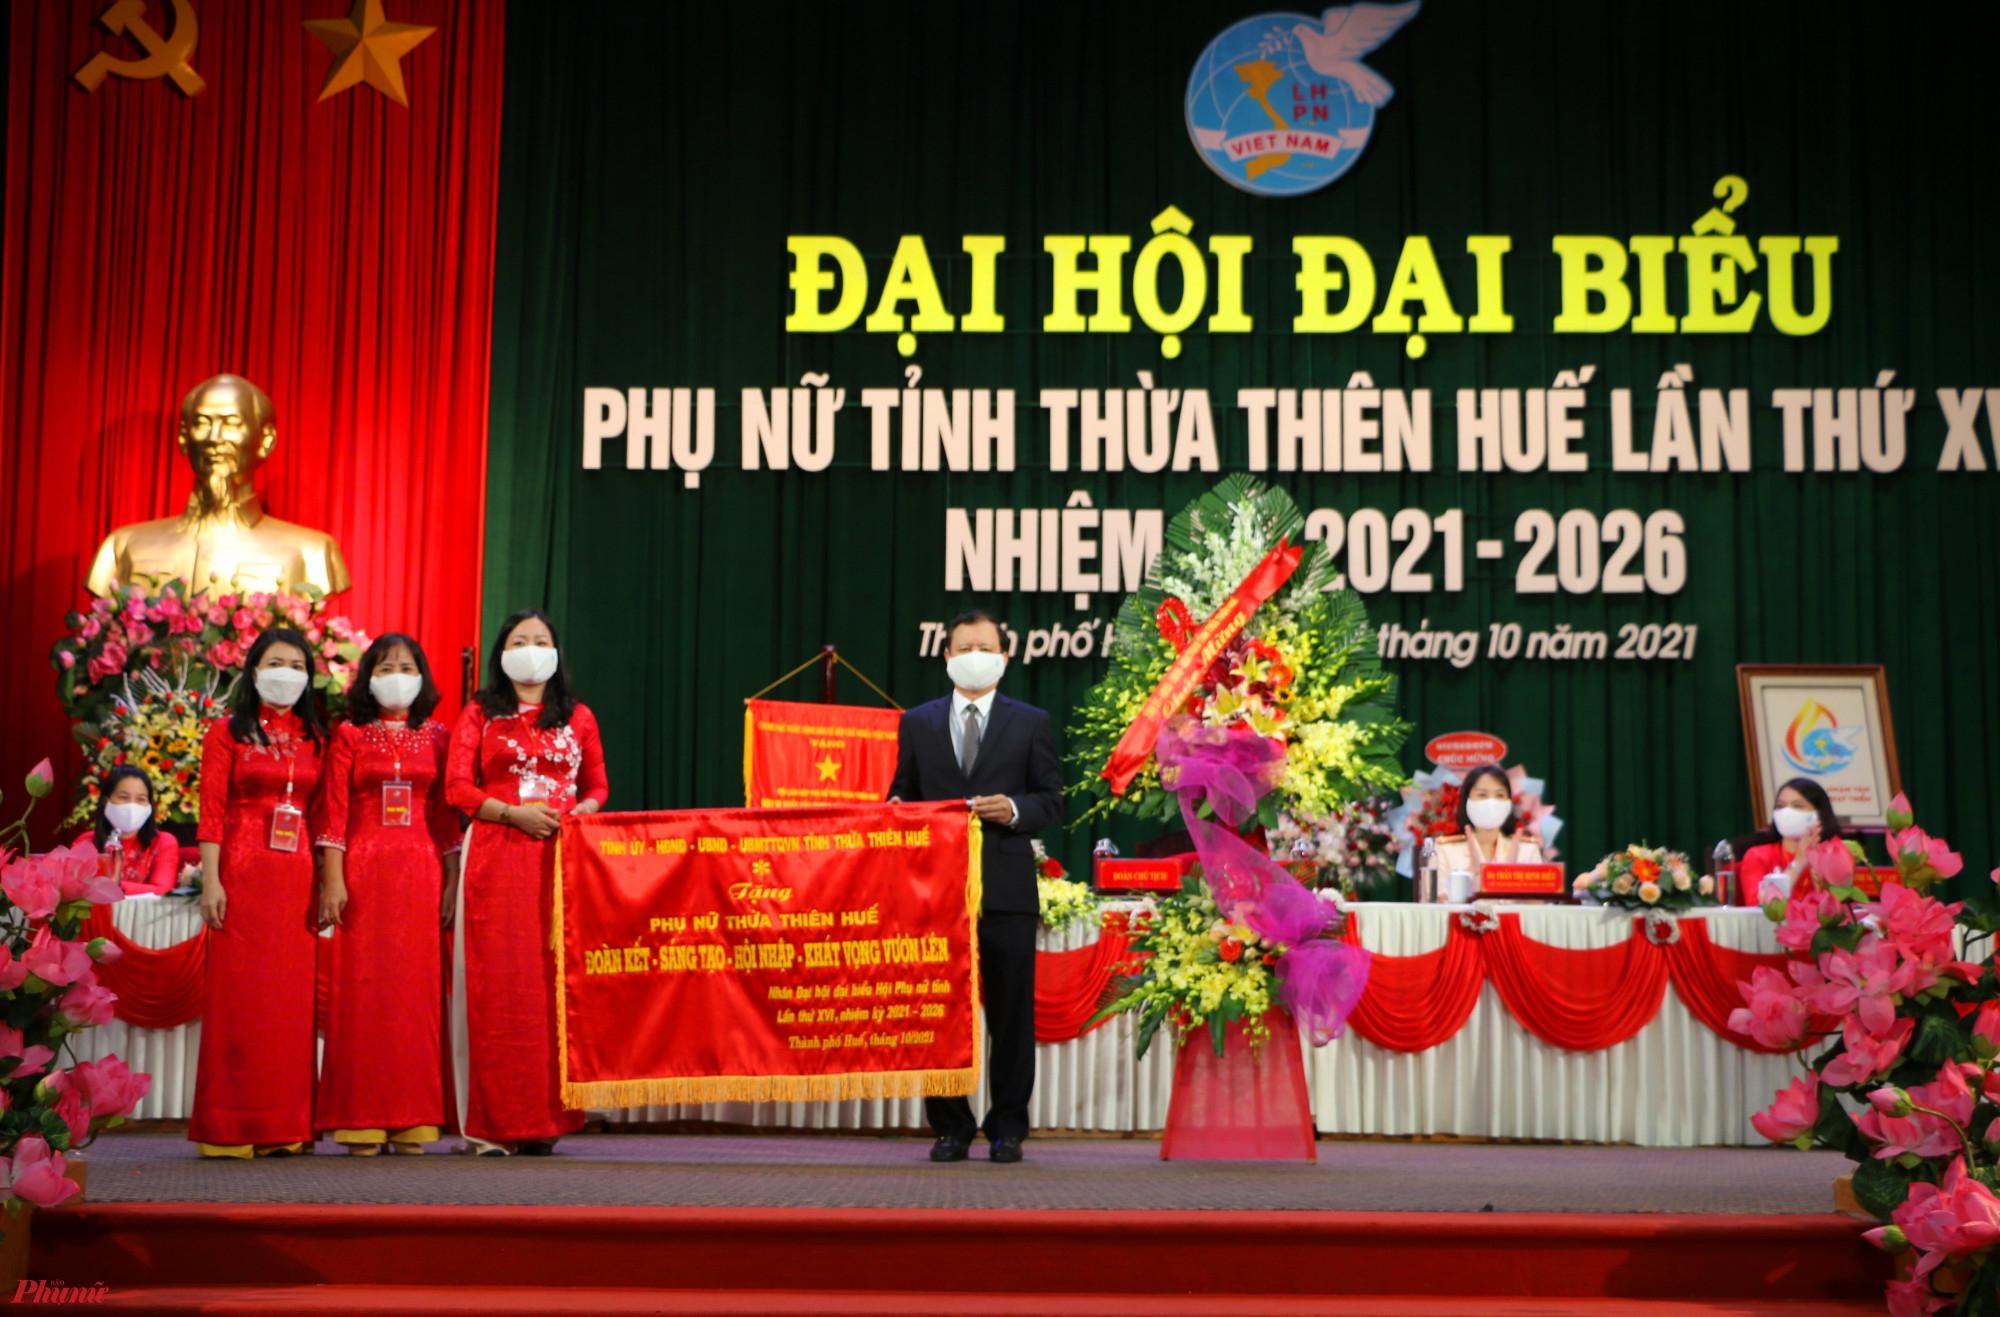 Ông Lê Trường Lưu- Ủy viên Trung ương Đảng, Bí thư Tỉnh ủy Thừa Thiên - Huế  trao trao bức trướng chúc mừng đại hội